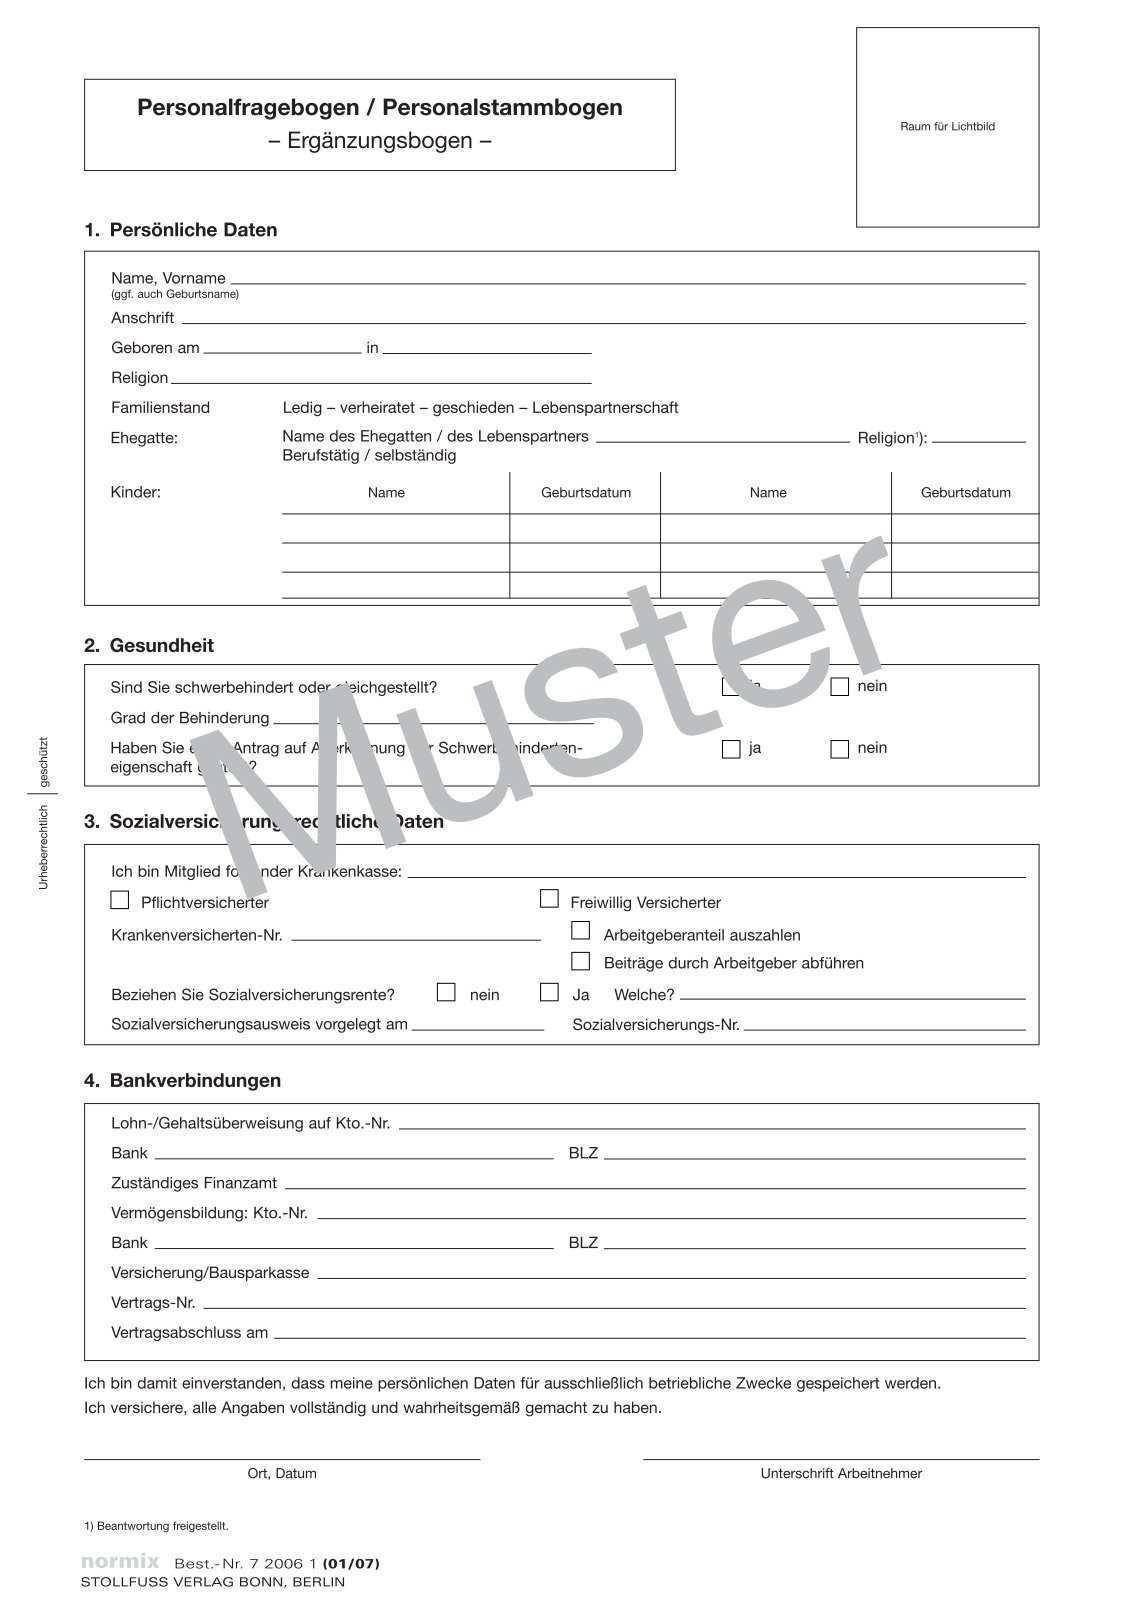 Personalfragebogen Minijob Fragebogen Bewerber Merkmale Kebut